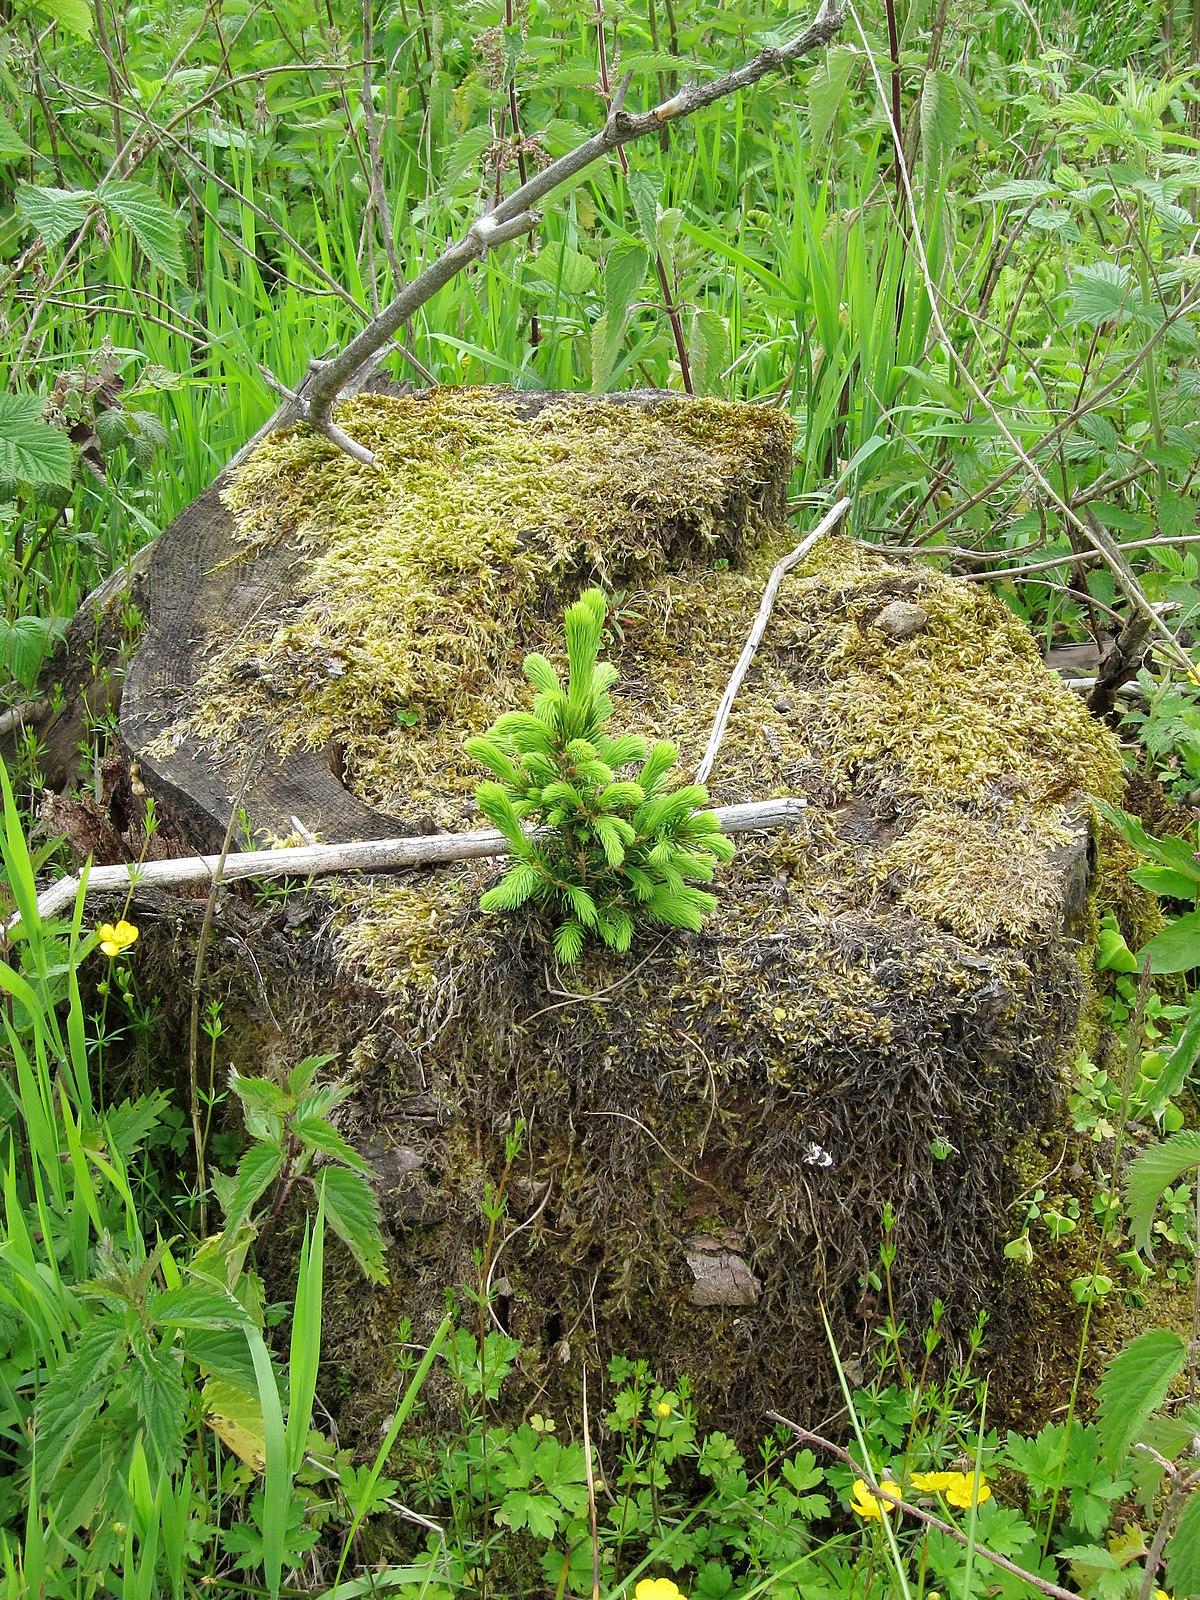 Junge Fichte auf Baumstumpf - young picea on stump - Saprobiont.jpg